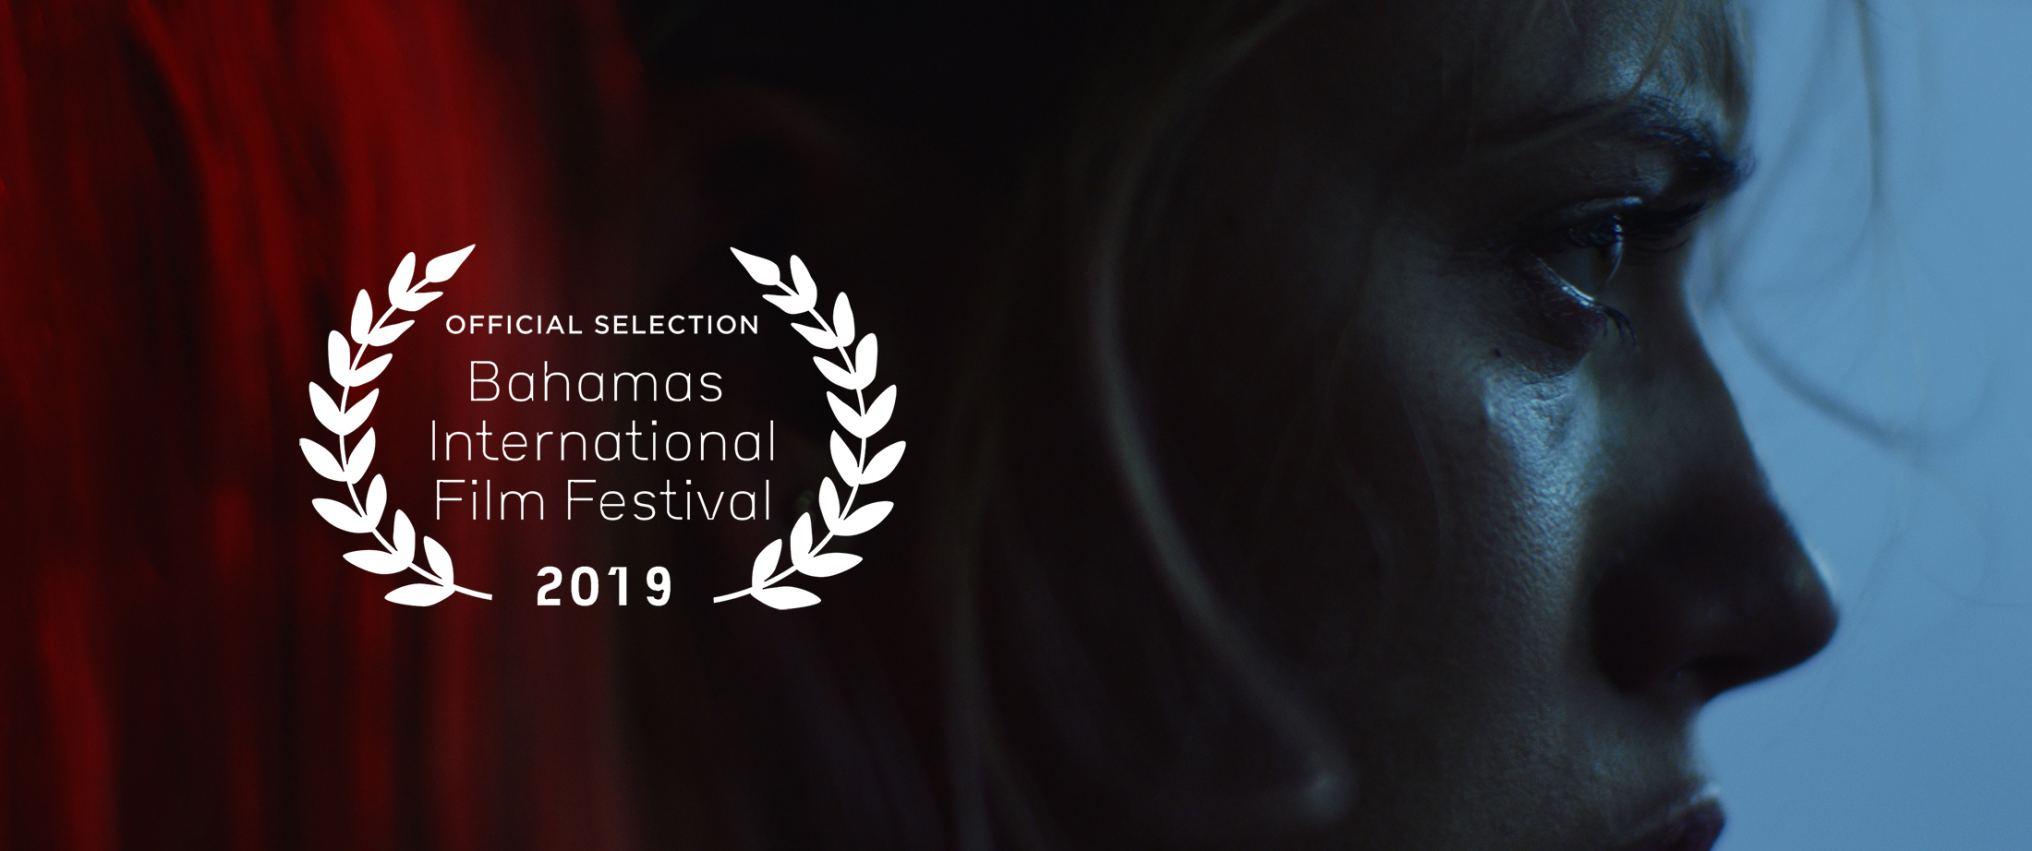 Official Selection Bahamas International Film Festival 2019 - Standstill (2019)